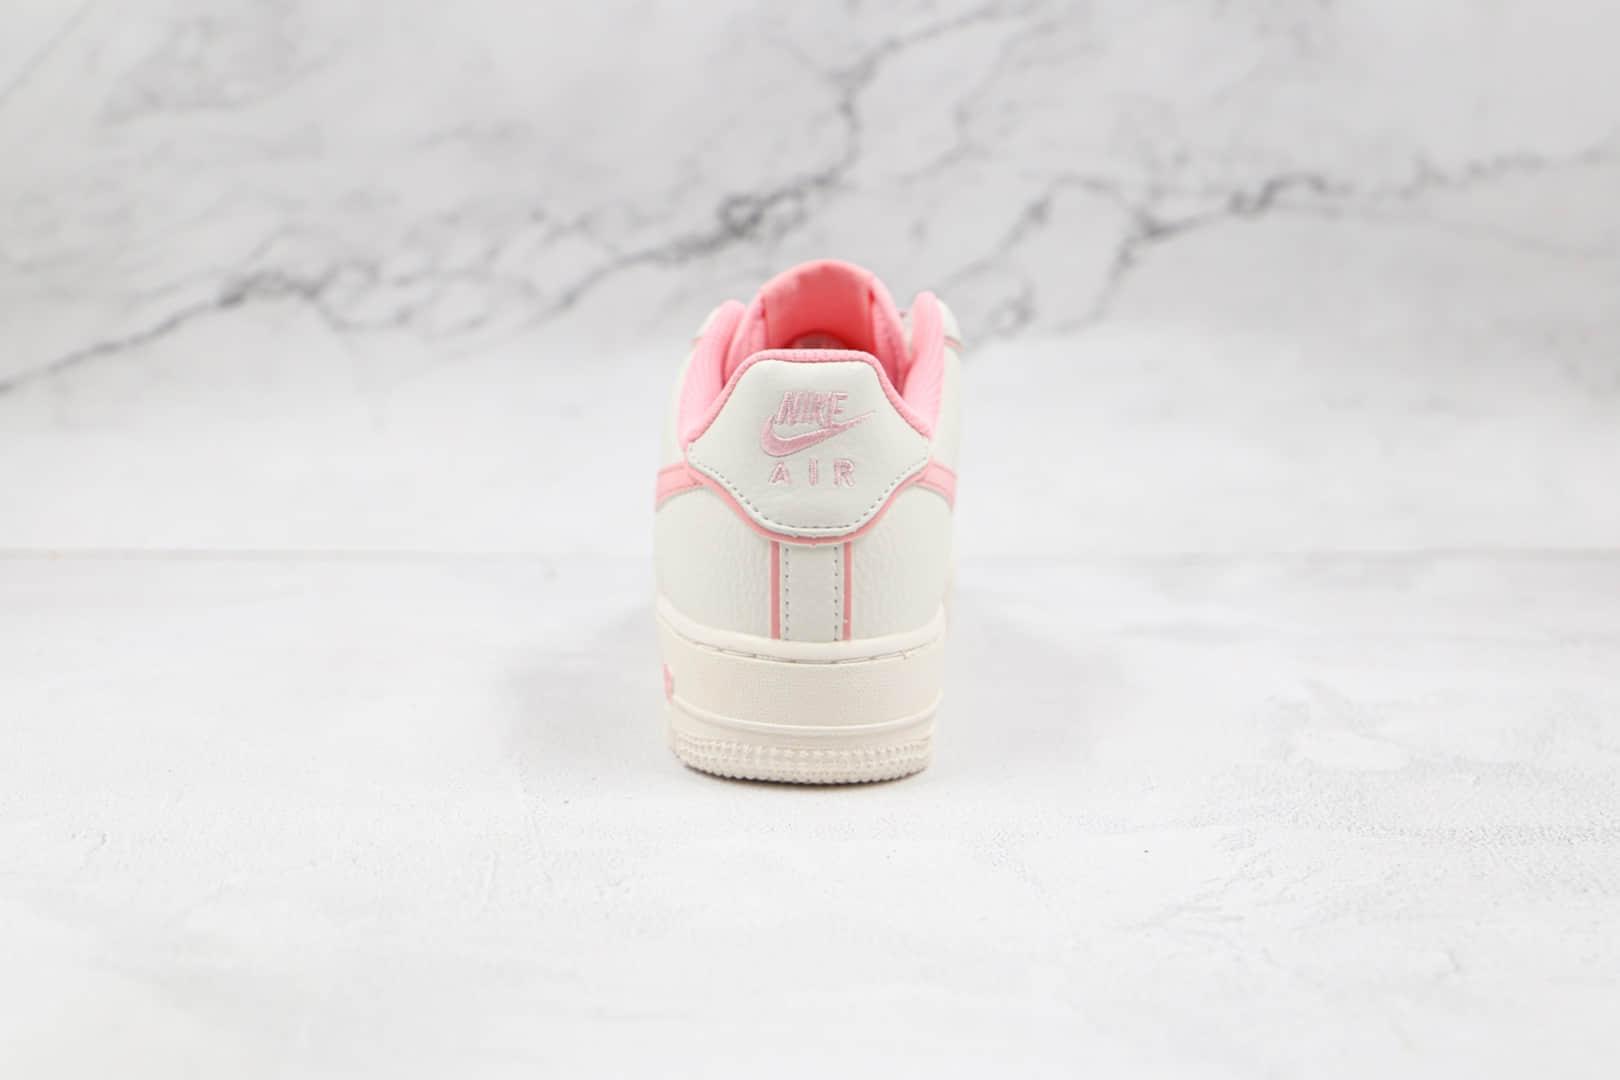 耐克Nike Air Force 1 Low '07纯原版本低帮空军一号白粉色板鞋内置气垫 货号:UH8958-033